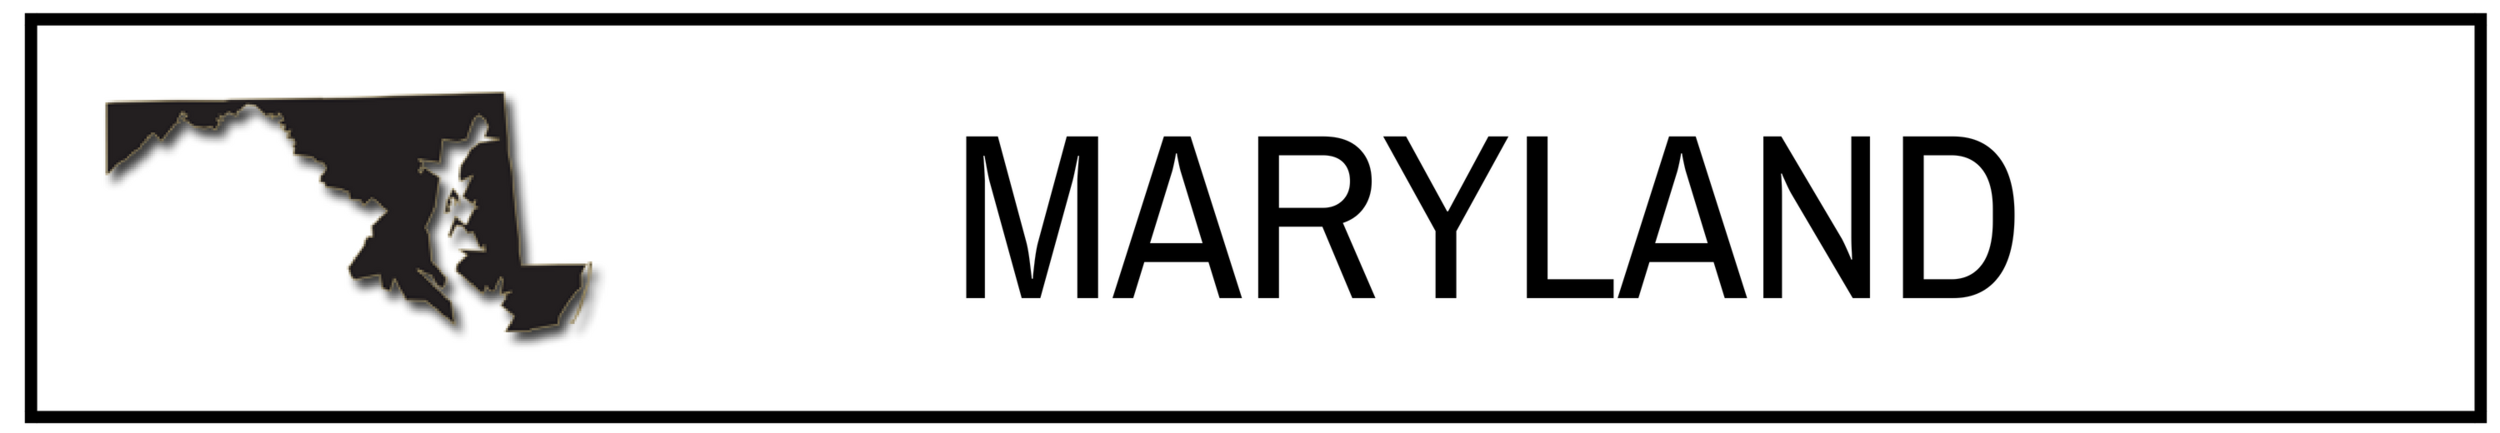 marylandbanner